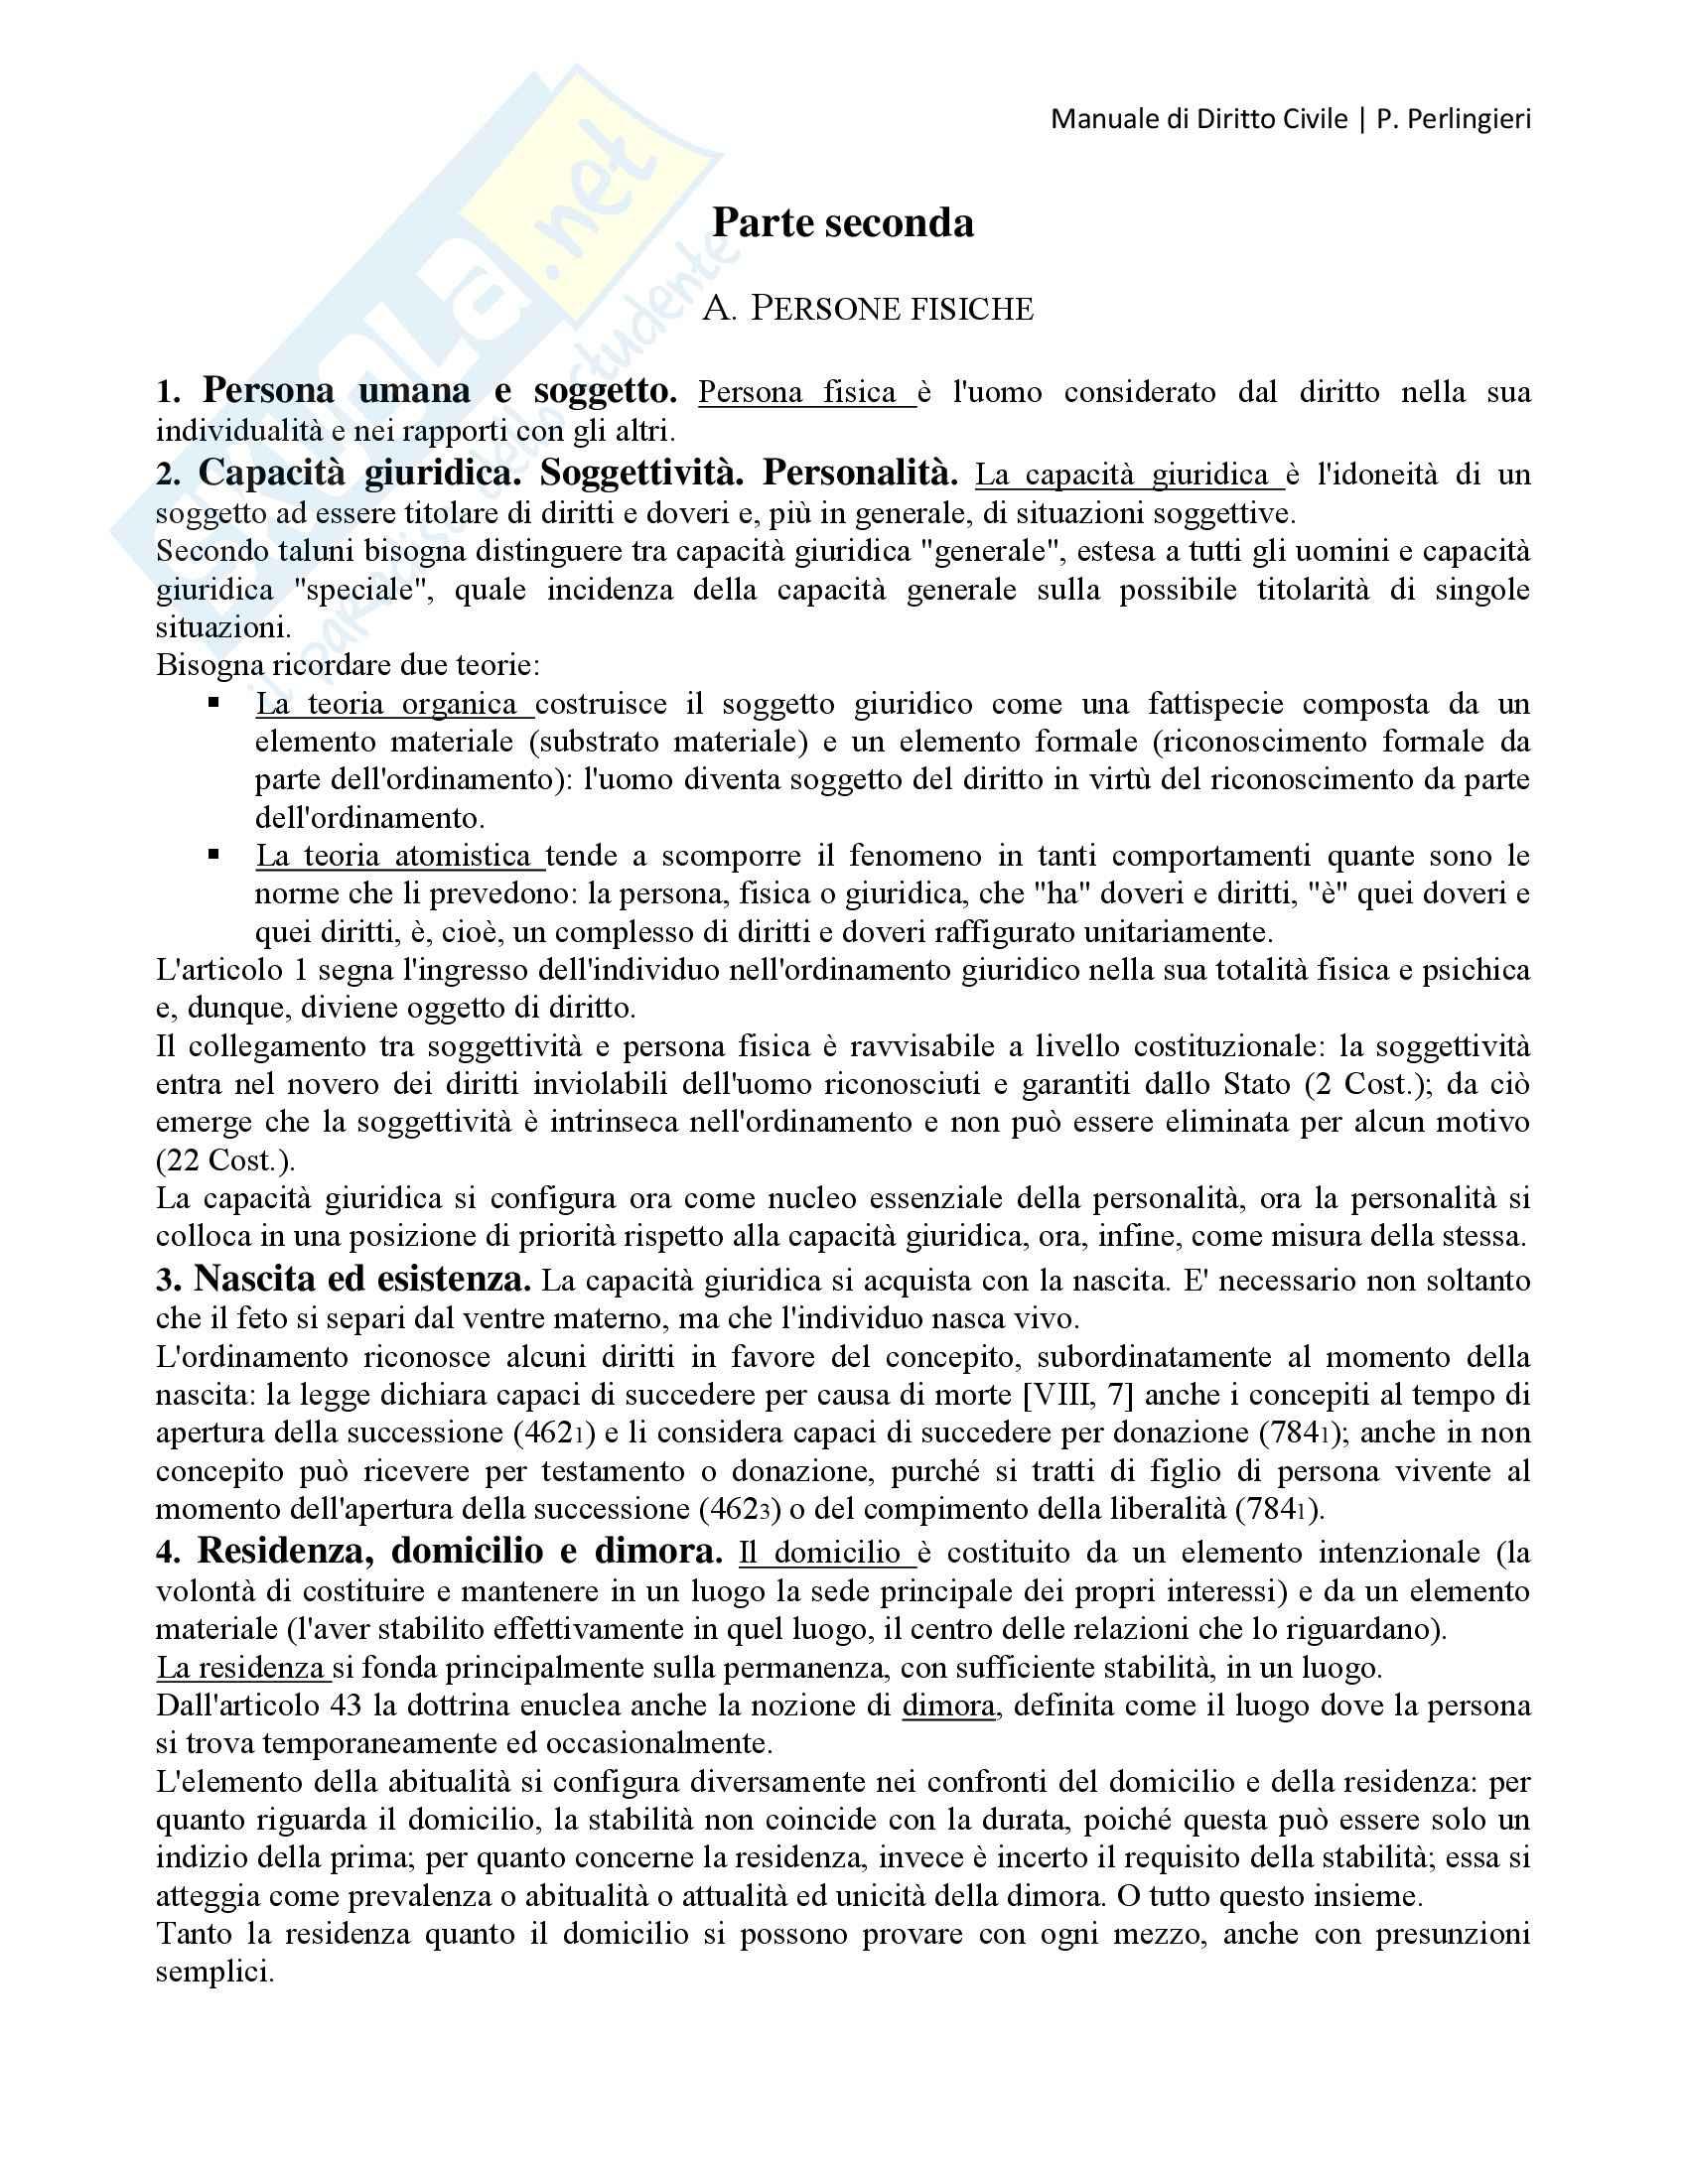 Manuale di Diritto Civile, Perlingieri - Persone fisiche e persone giuridiche